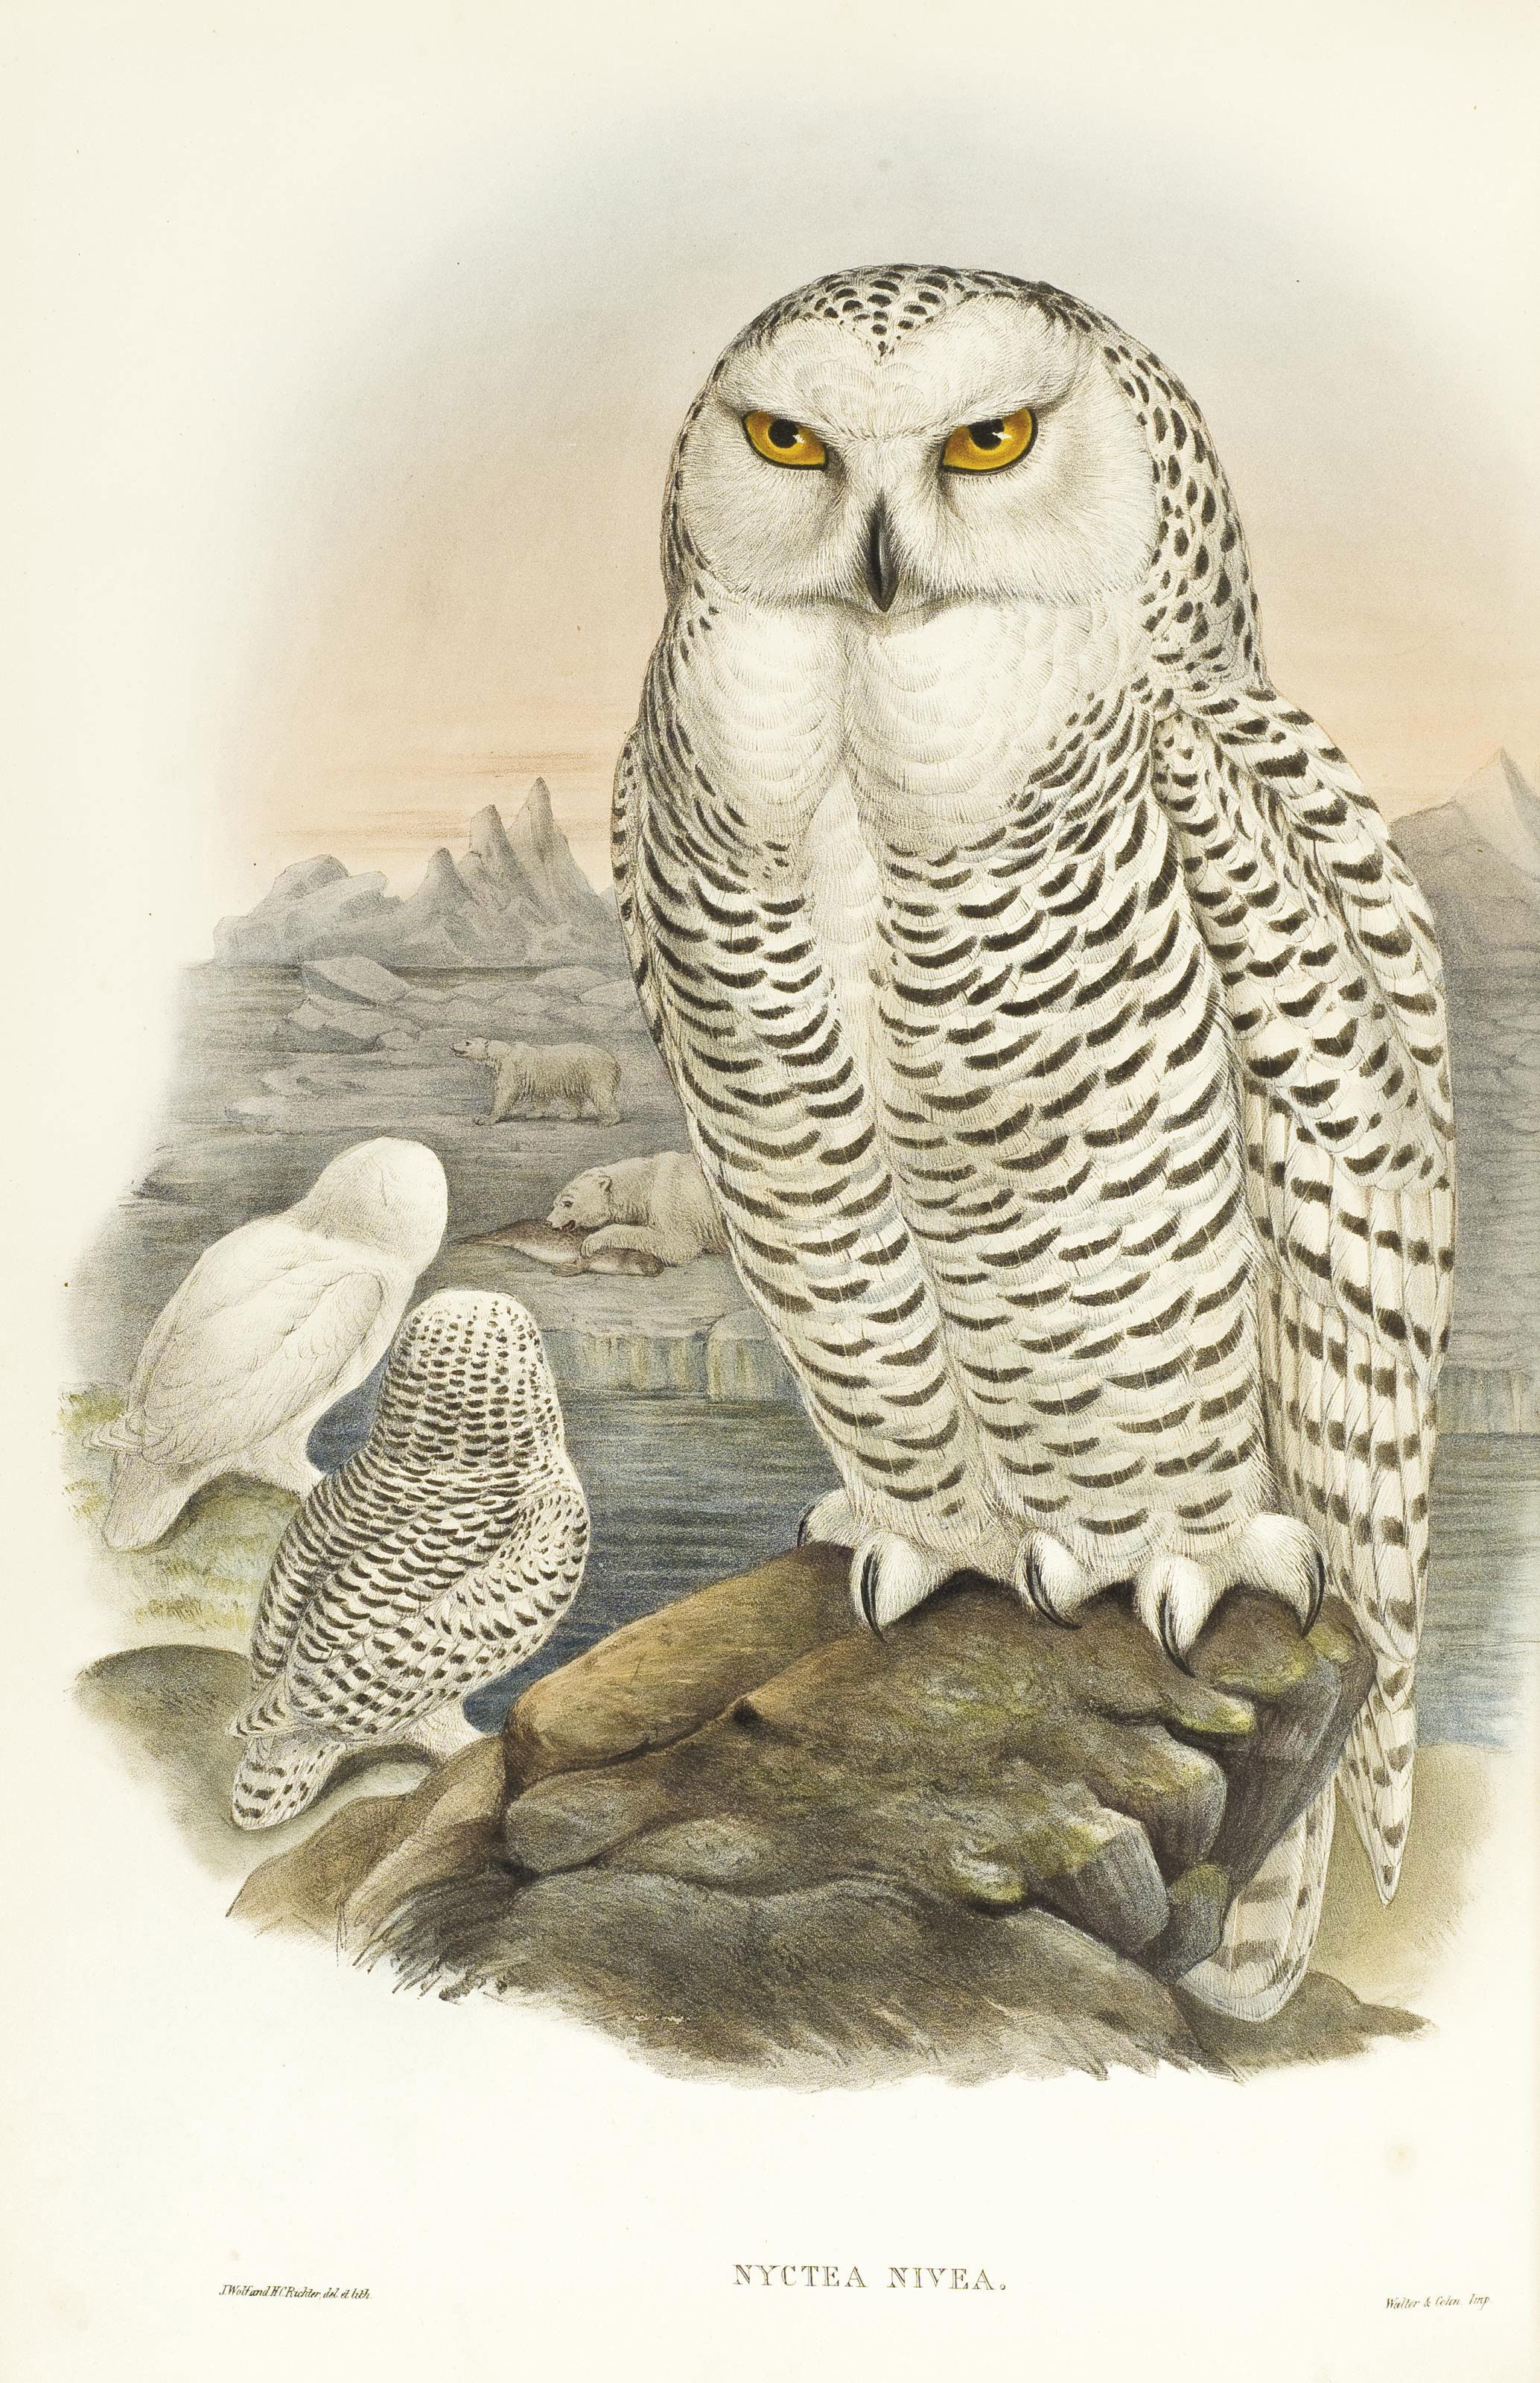 GOULD, John (1804-1881). The Birds of Great Britain. Londres: Taylor & Francis pour l'auteur, [1862-] 1873.